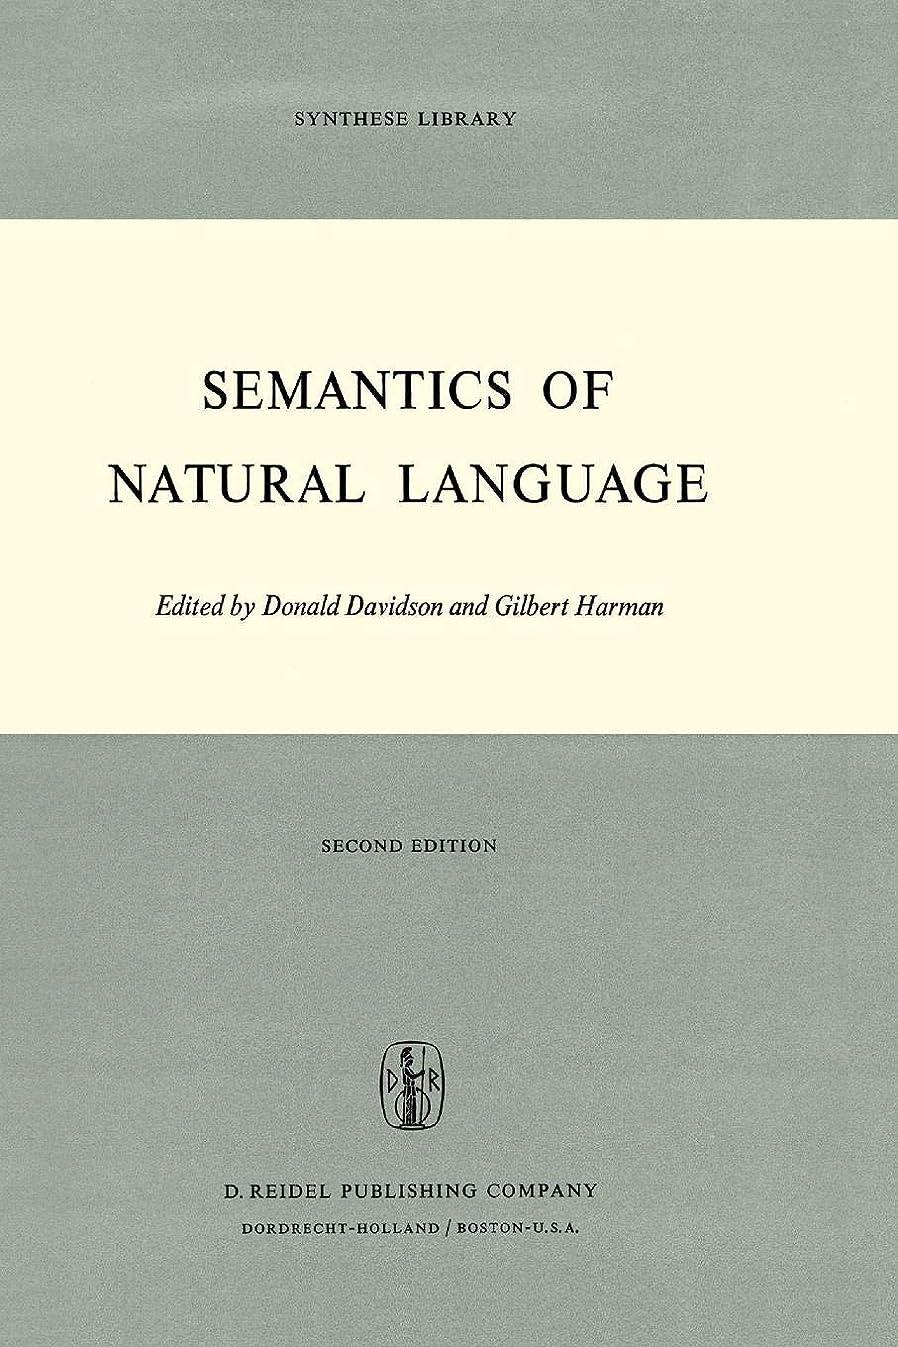 暴君軽蔑するあからさまSemantics of Natural Language (Synthese Library)